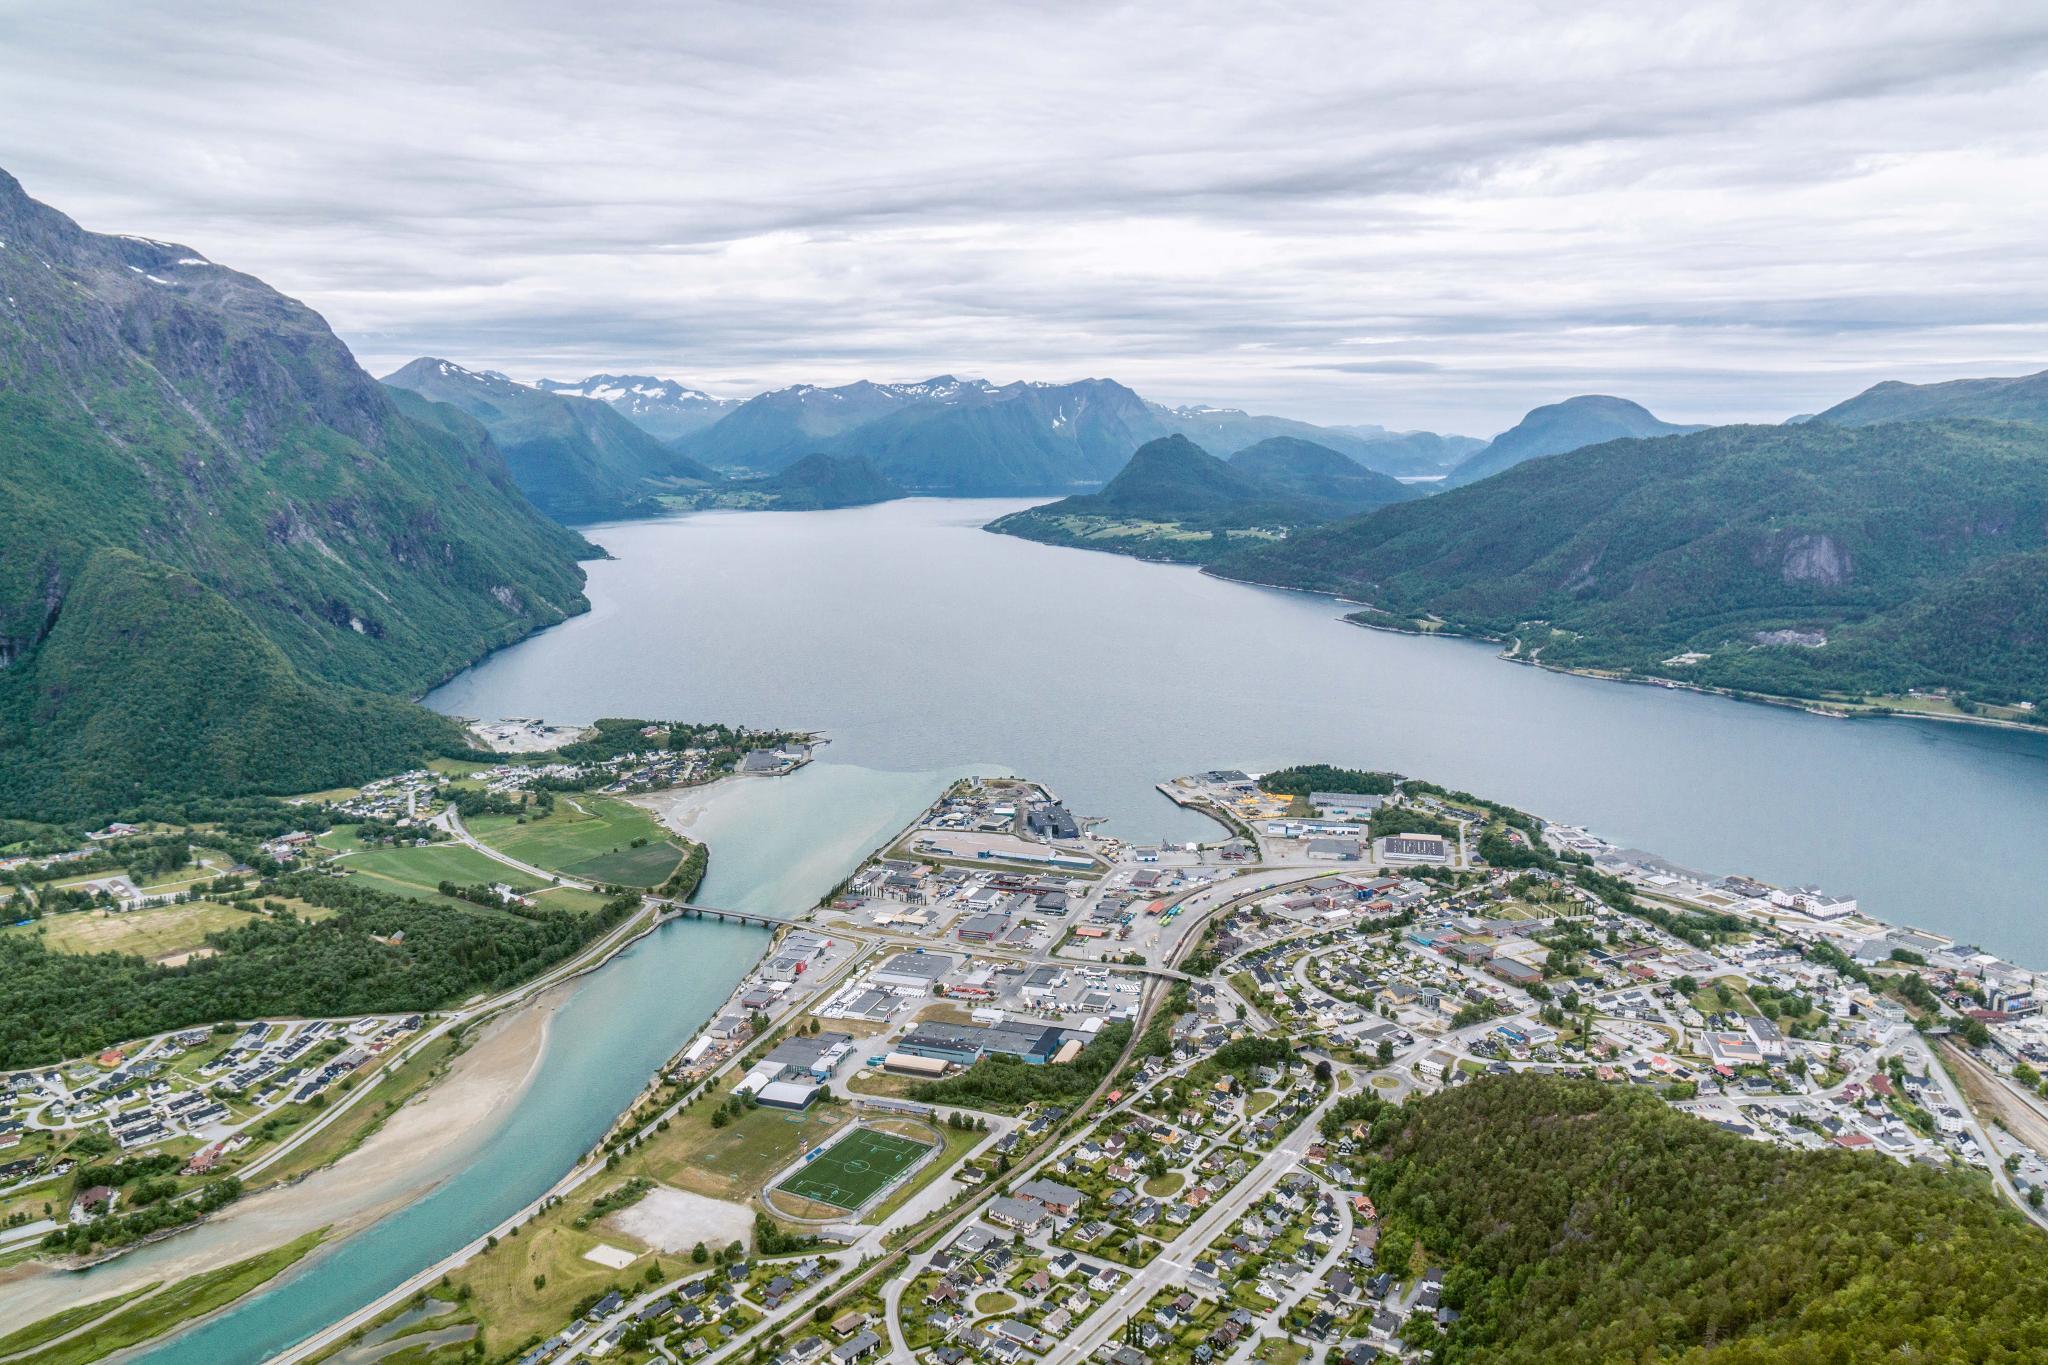 【北歐景點】峽灣區起點Åndalsnes健行 - 鳥瞰峽灣全景的Rampestreken觀景台 36